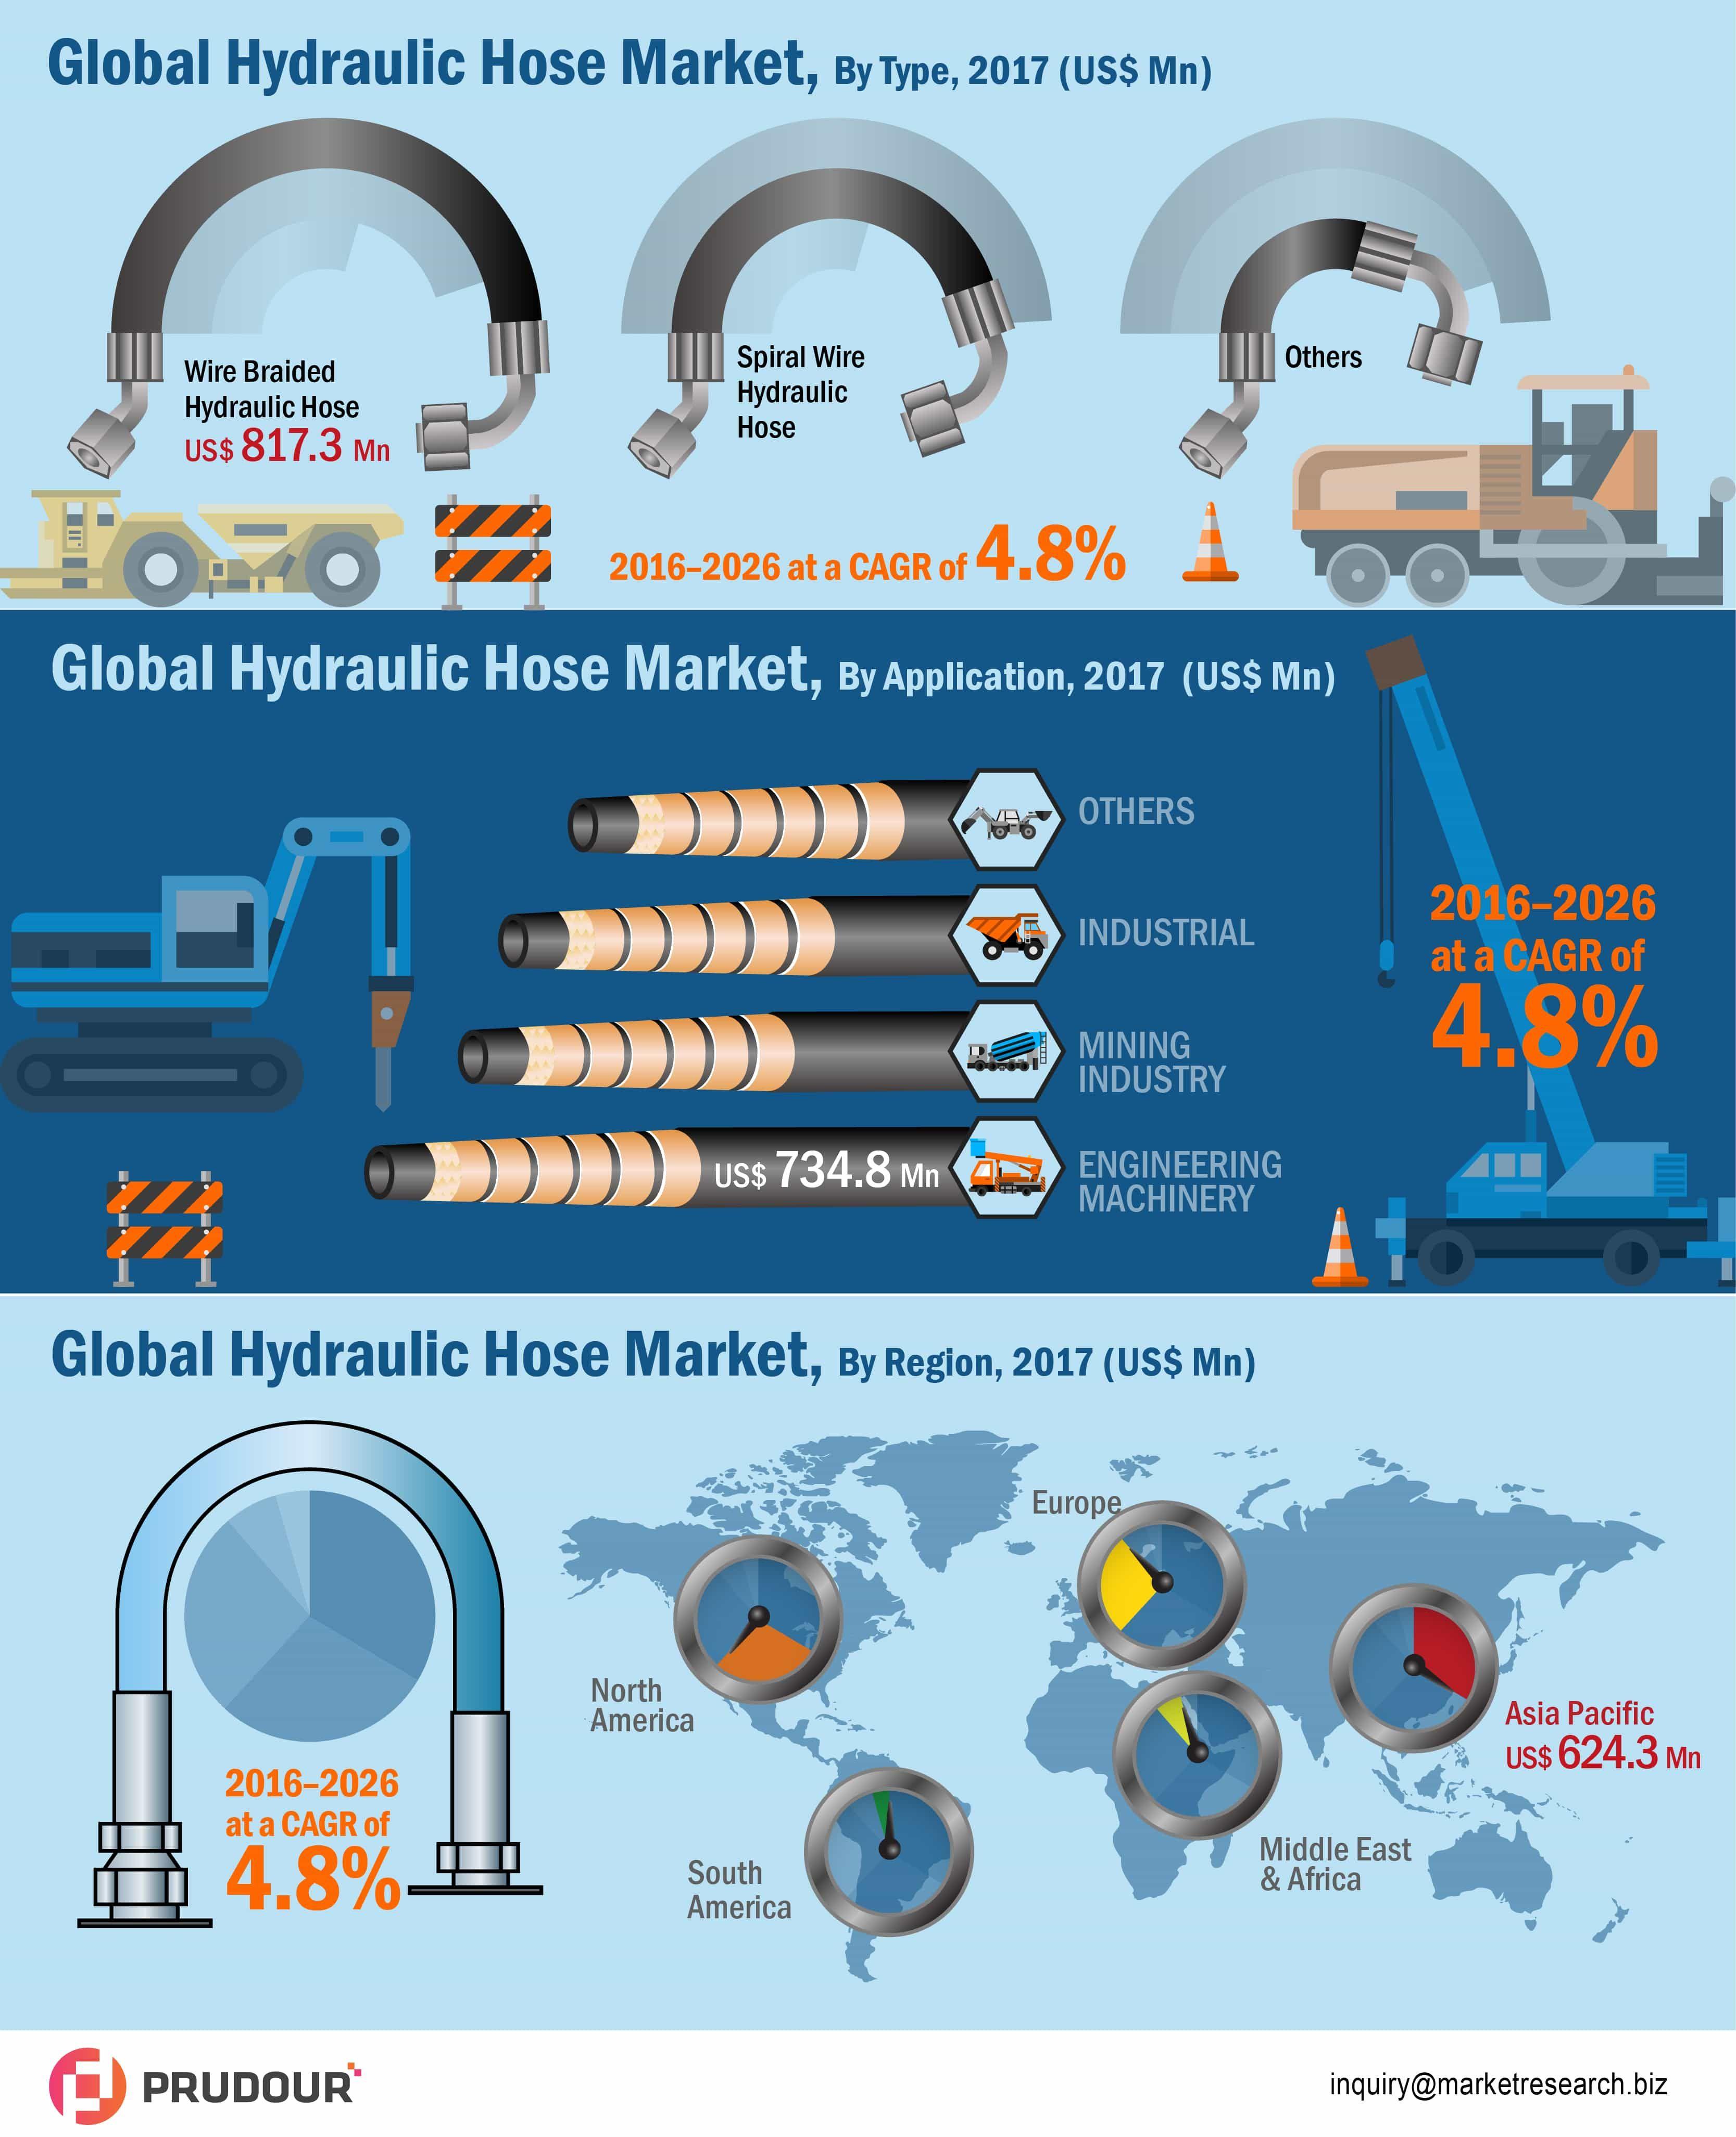 Global Hydraulic Hose Market Analysis 2016 2026 Hydraulic Marketing Developed Economy